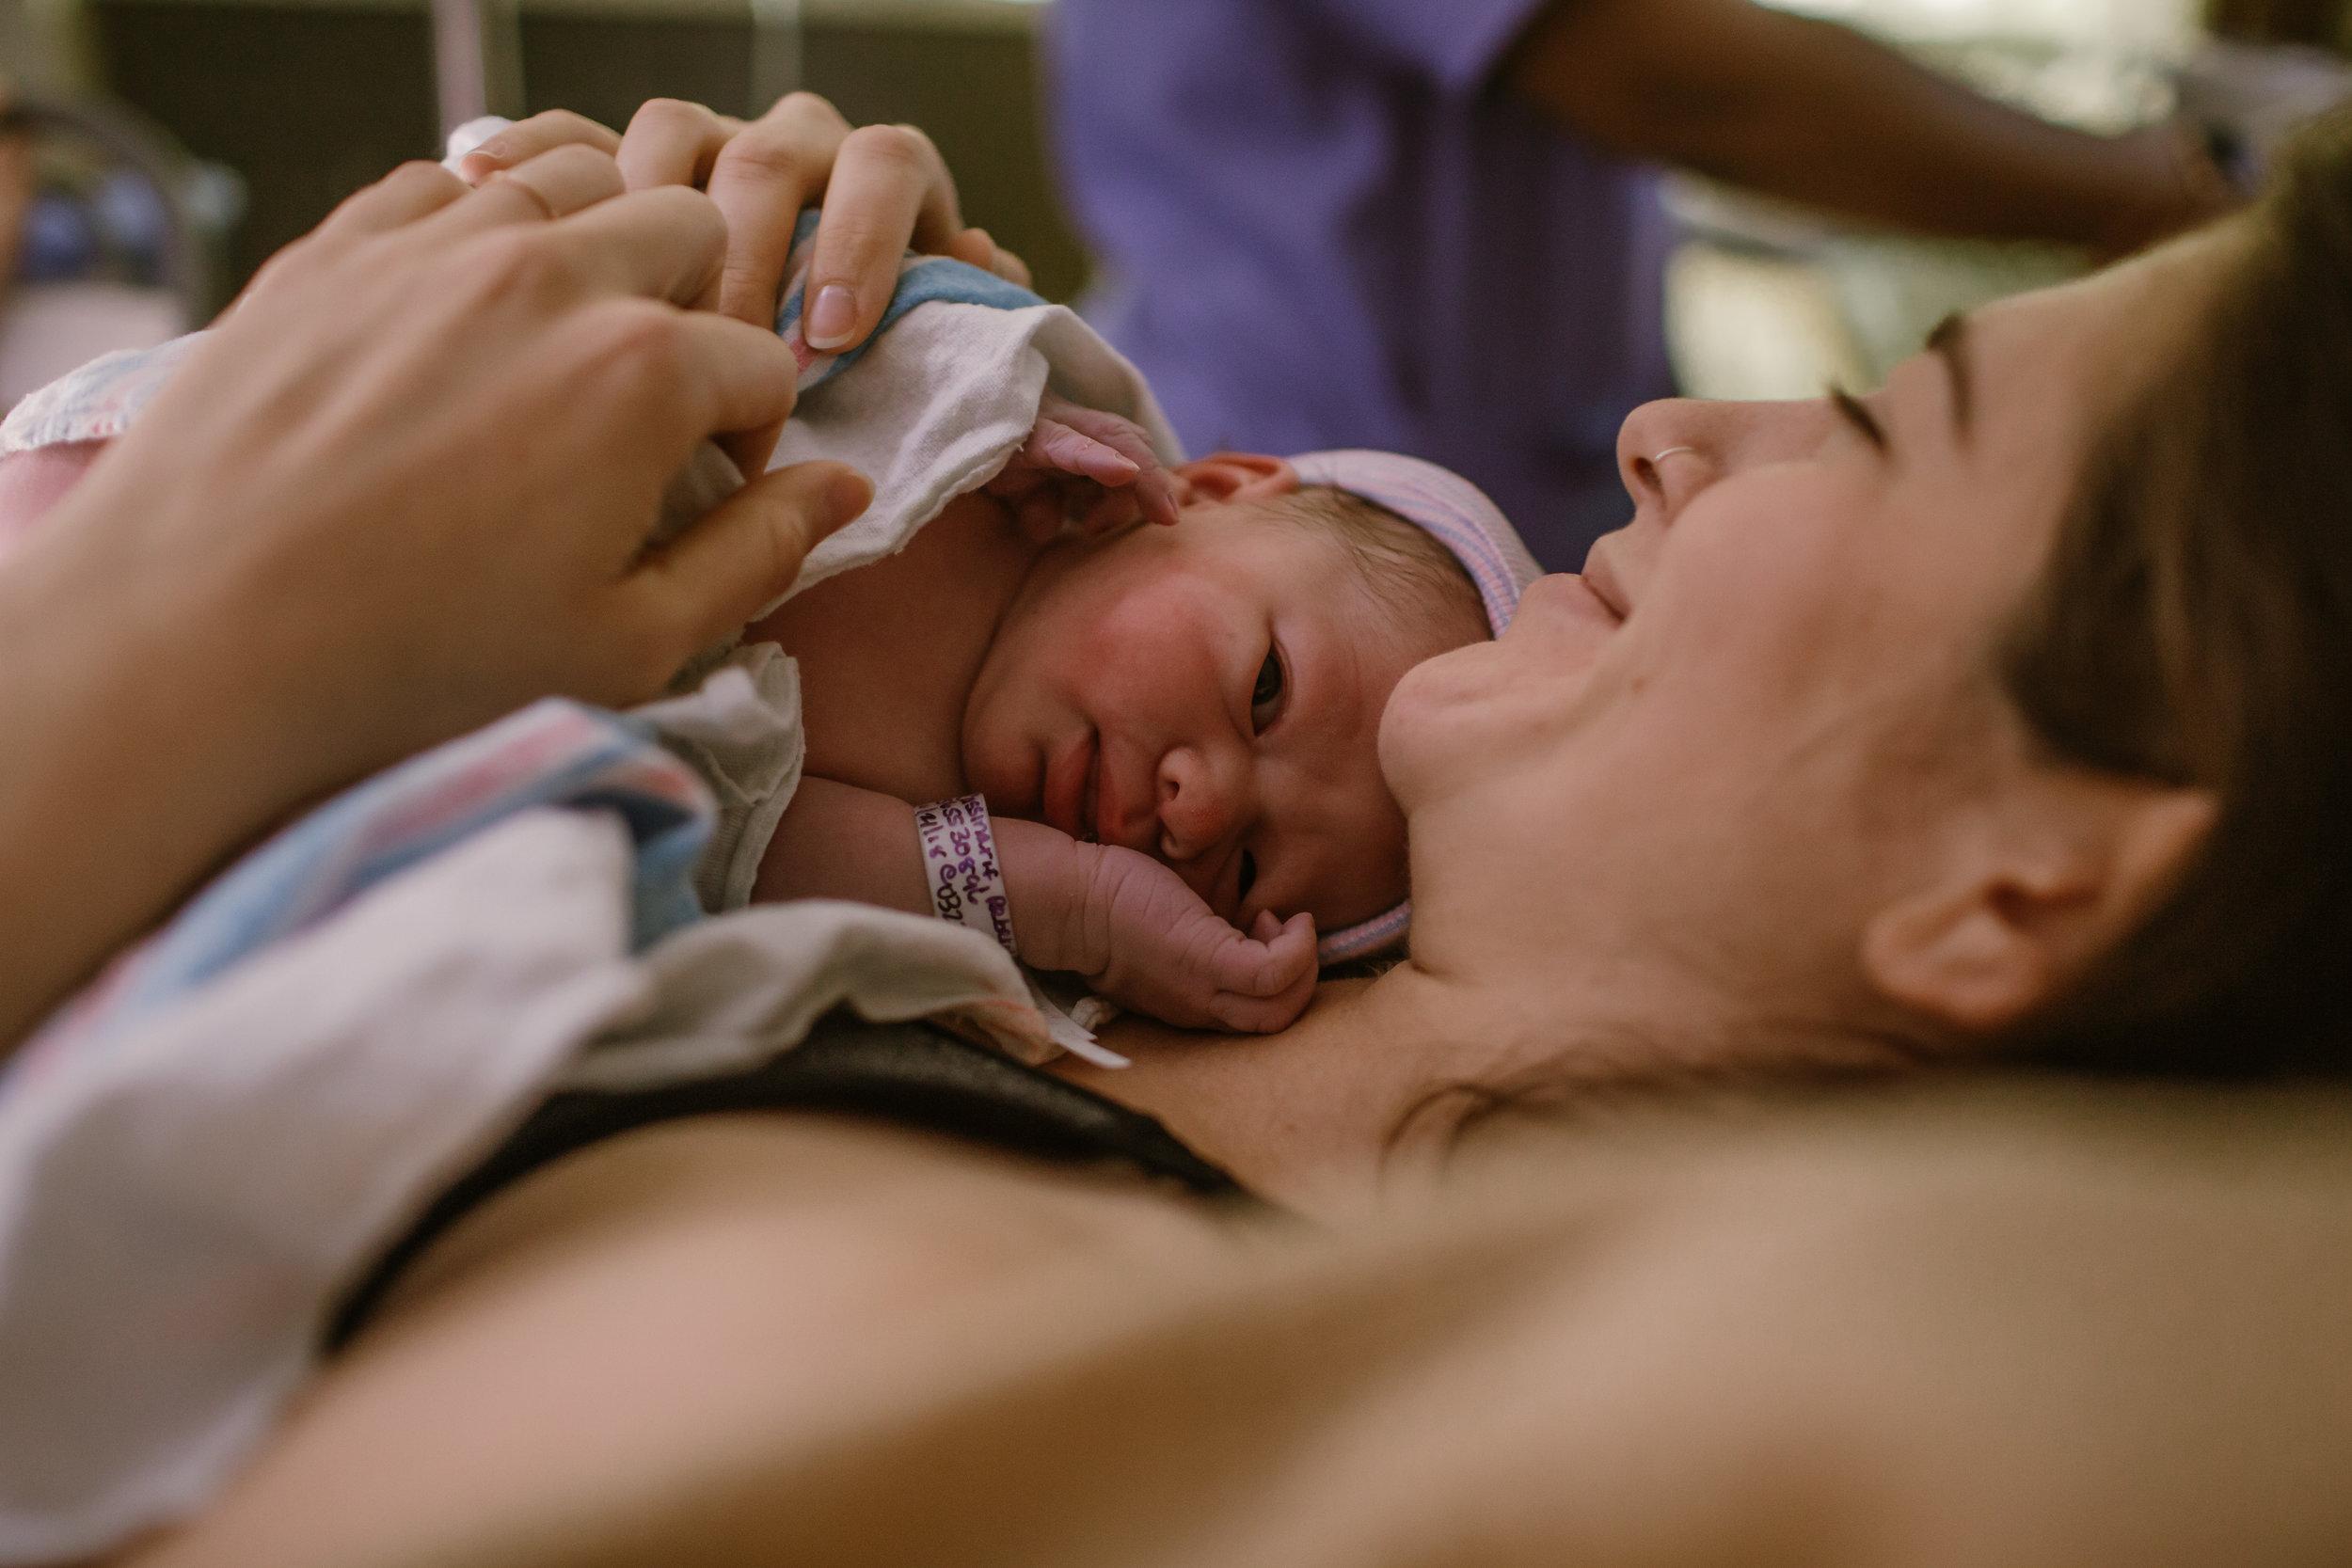 SGP_Rebekah&Ahren_BirthStory077.JPG